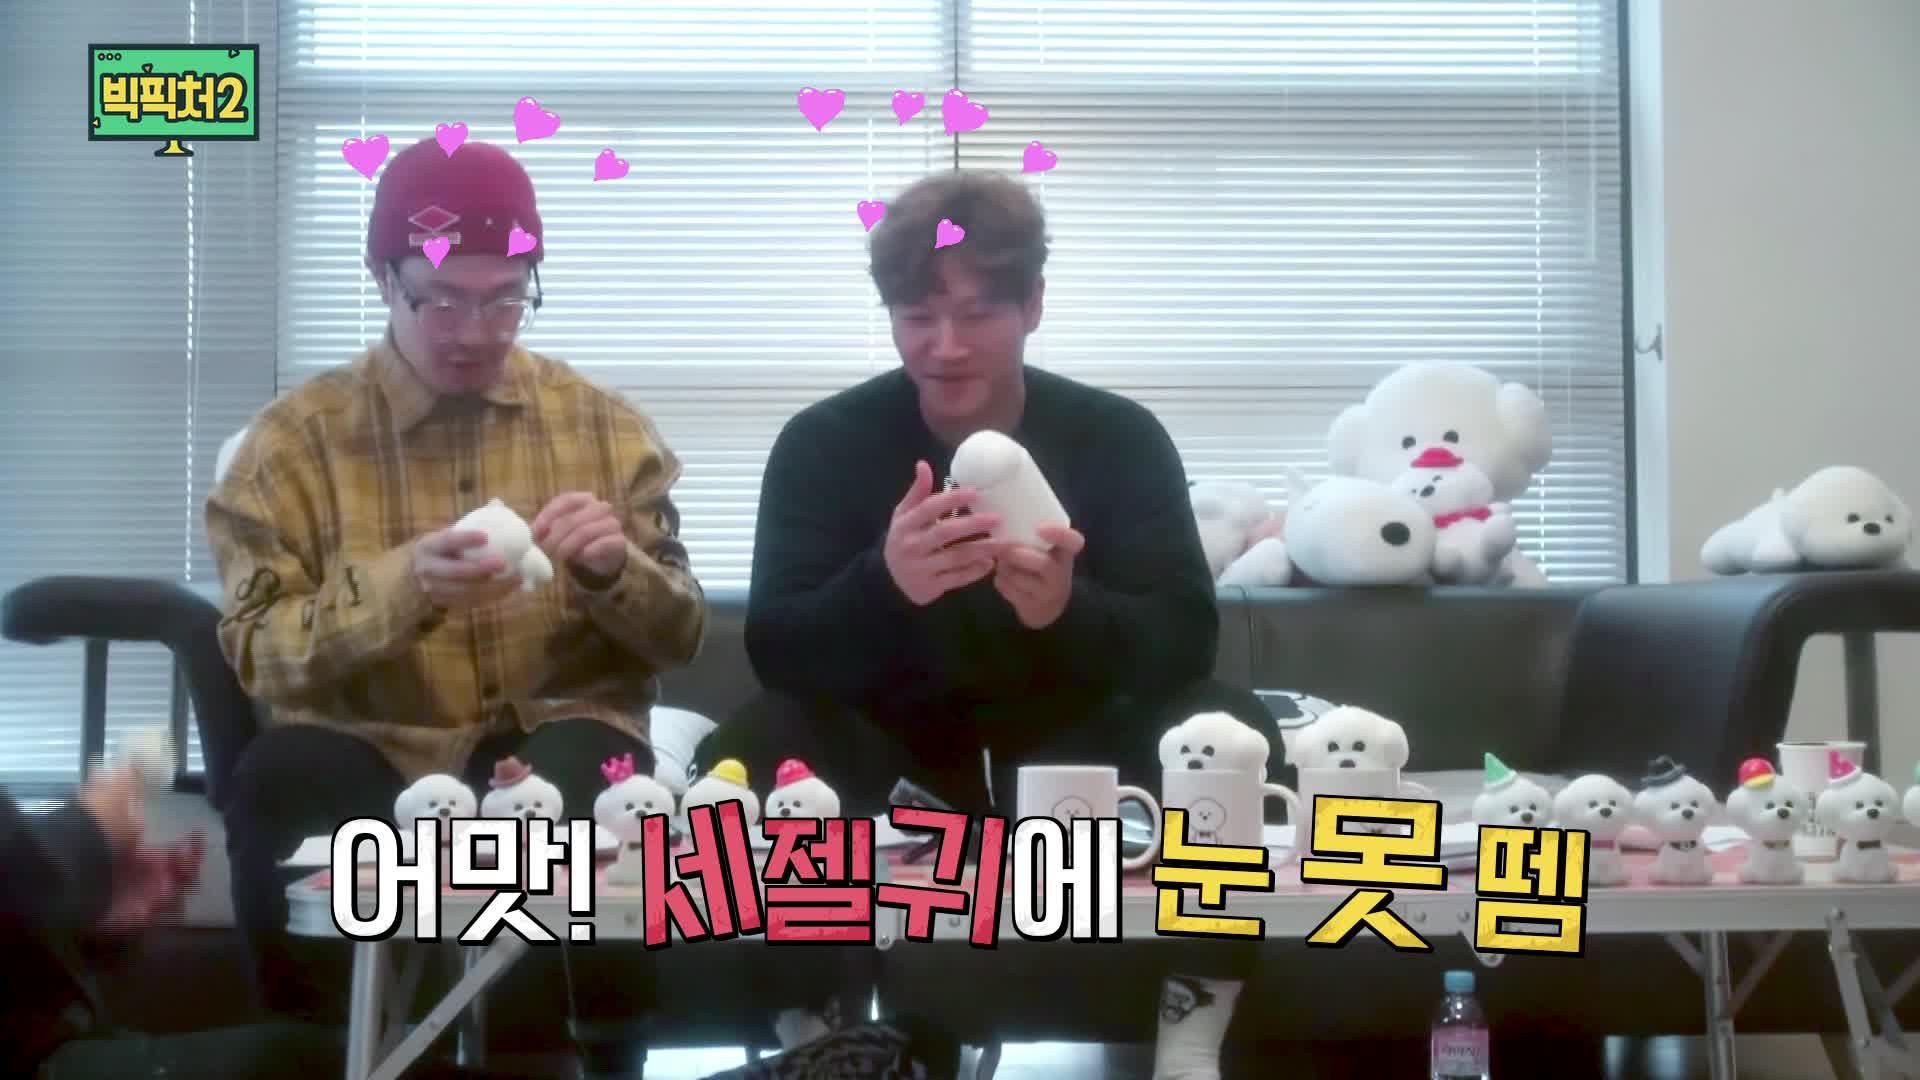 빅픽처2 깜짝 영상 2 -[빵아빵아] 새로운 식구의 등장?!